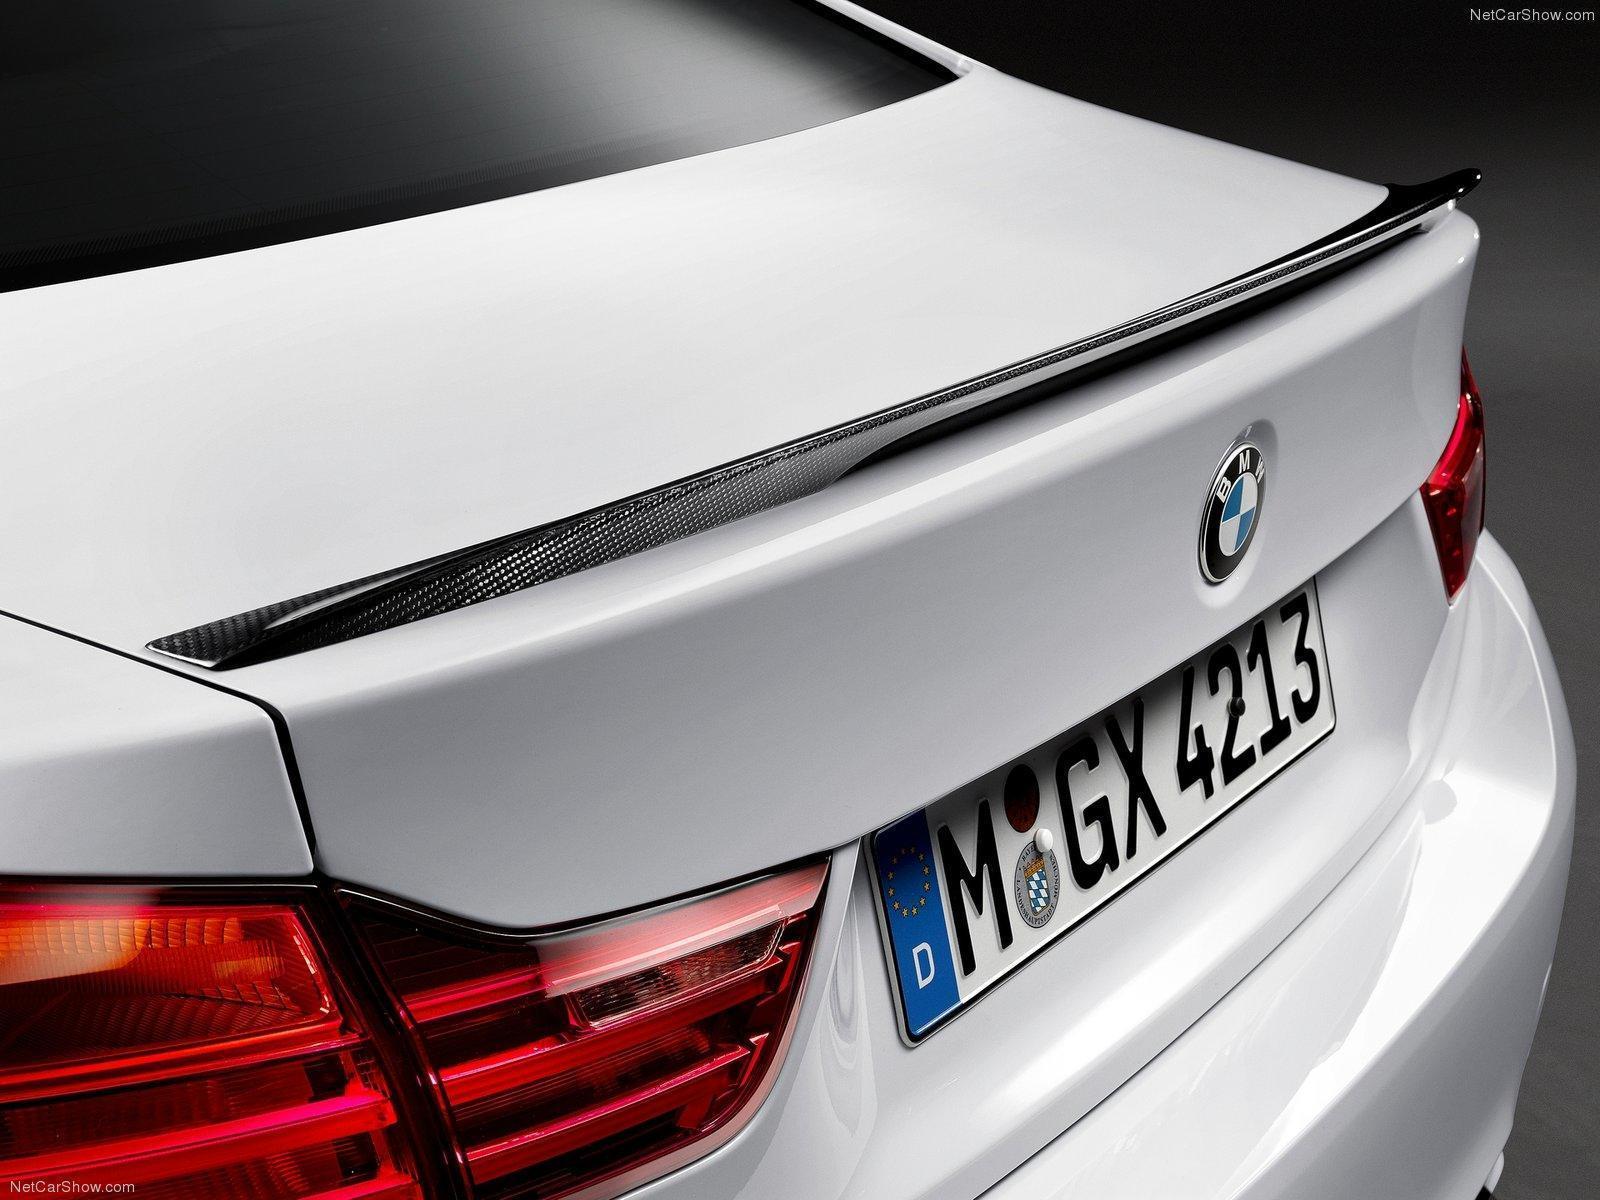 Карбоновый спойлер на крышку багажника Performance Style для BMW 4er